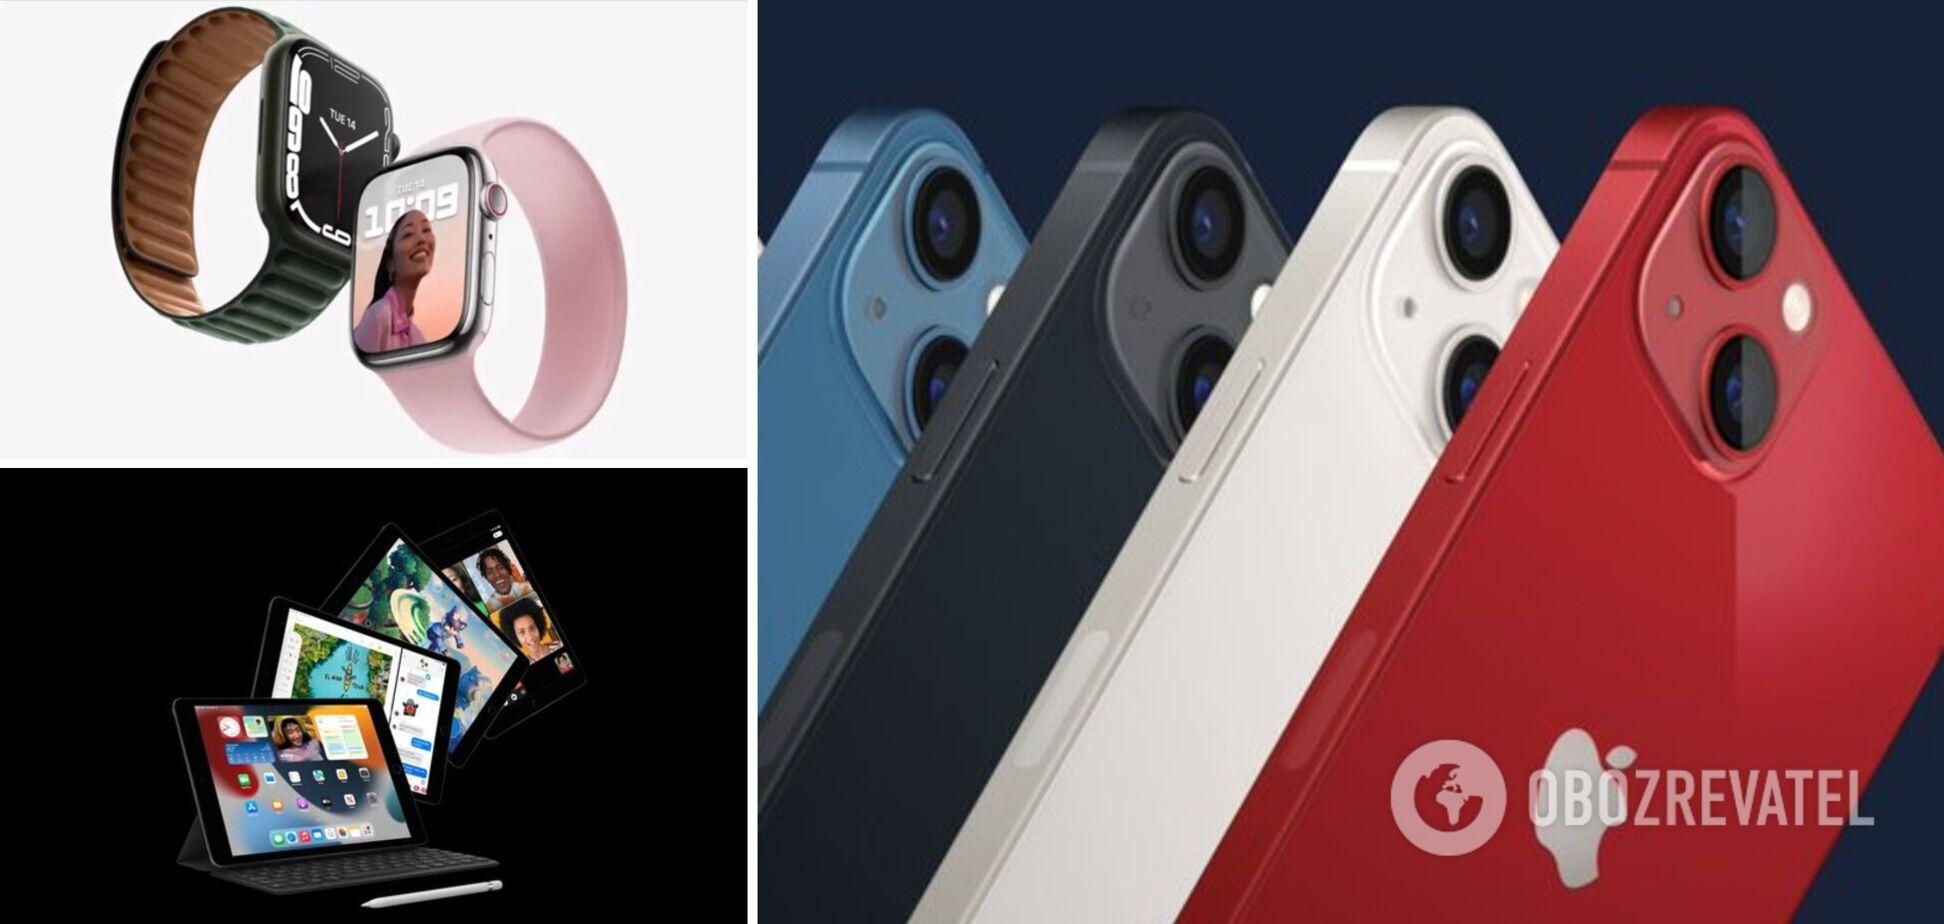 Презентація iPhone 13 від Apple: всі подробиці, фото. Онлайн-трансляція